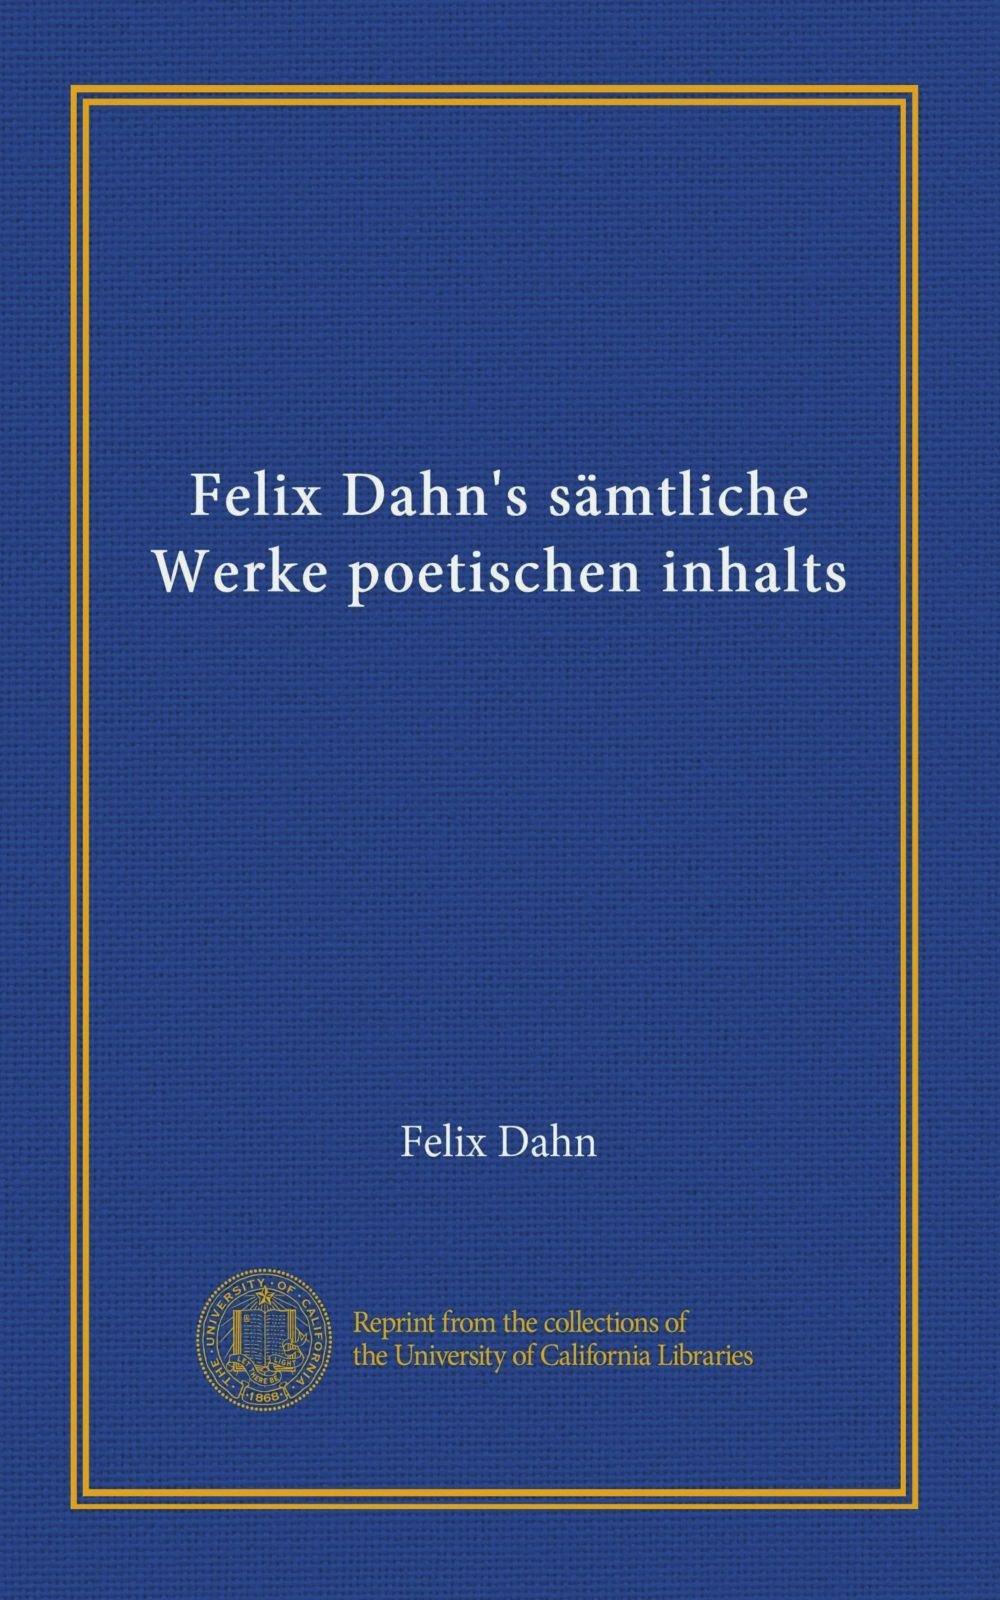 Felix Dahn's sämtliche Werke poetischen inhalts (German Edition) PDF